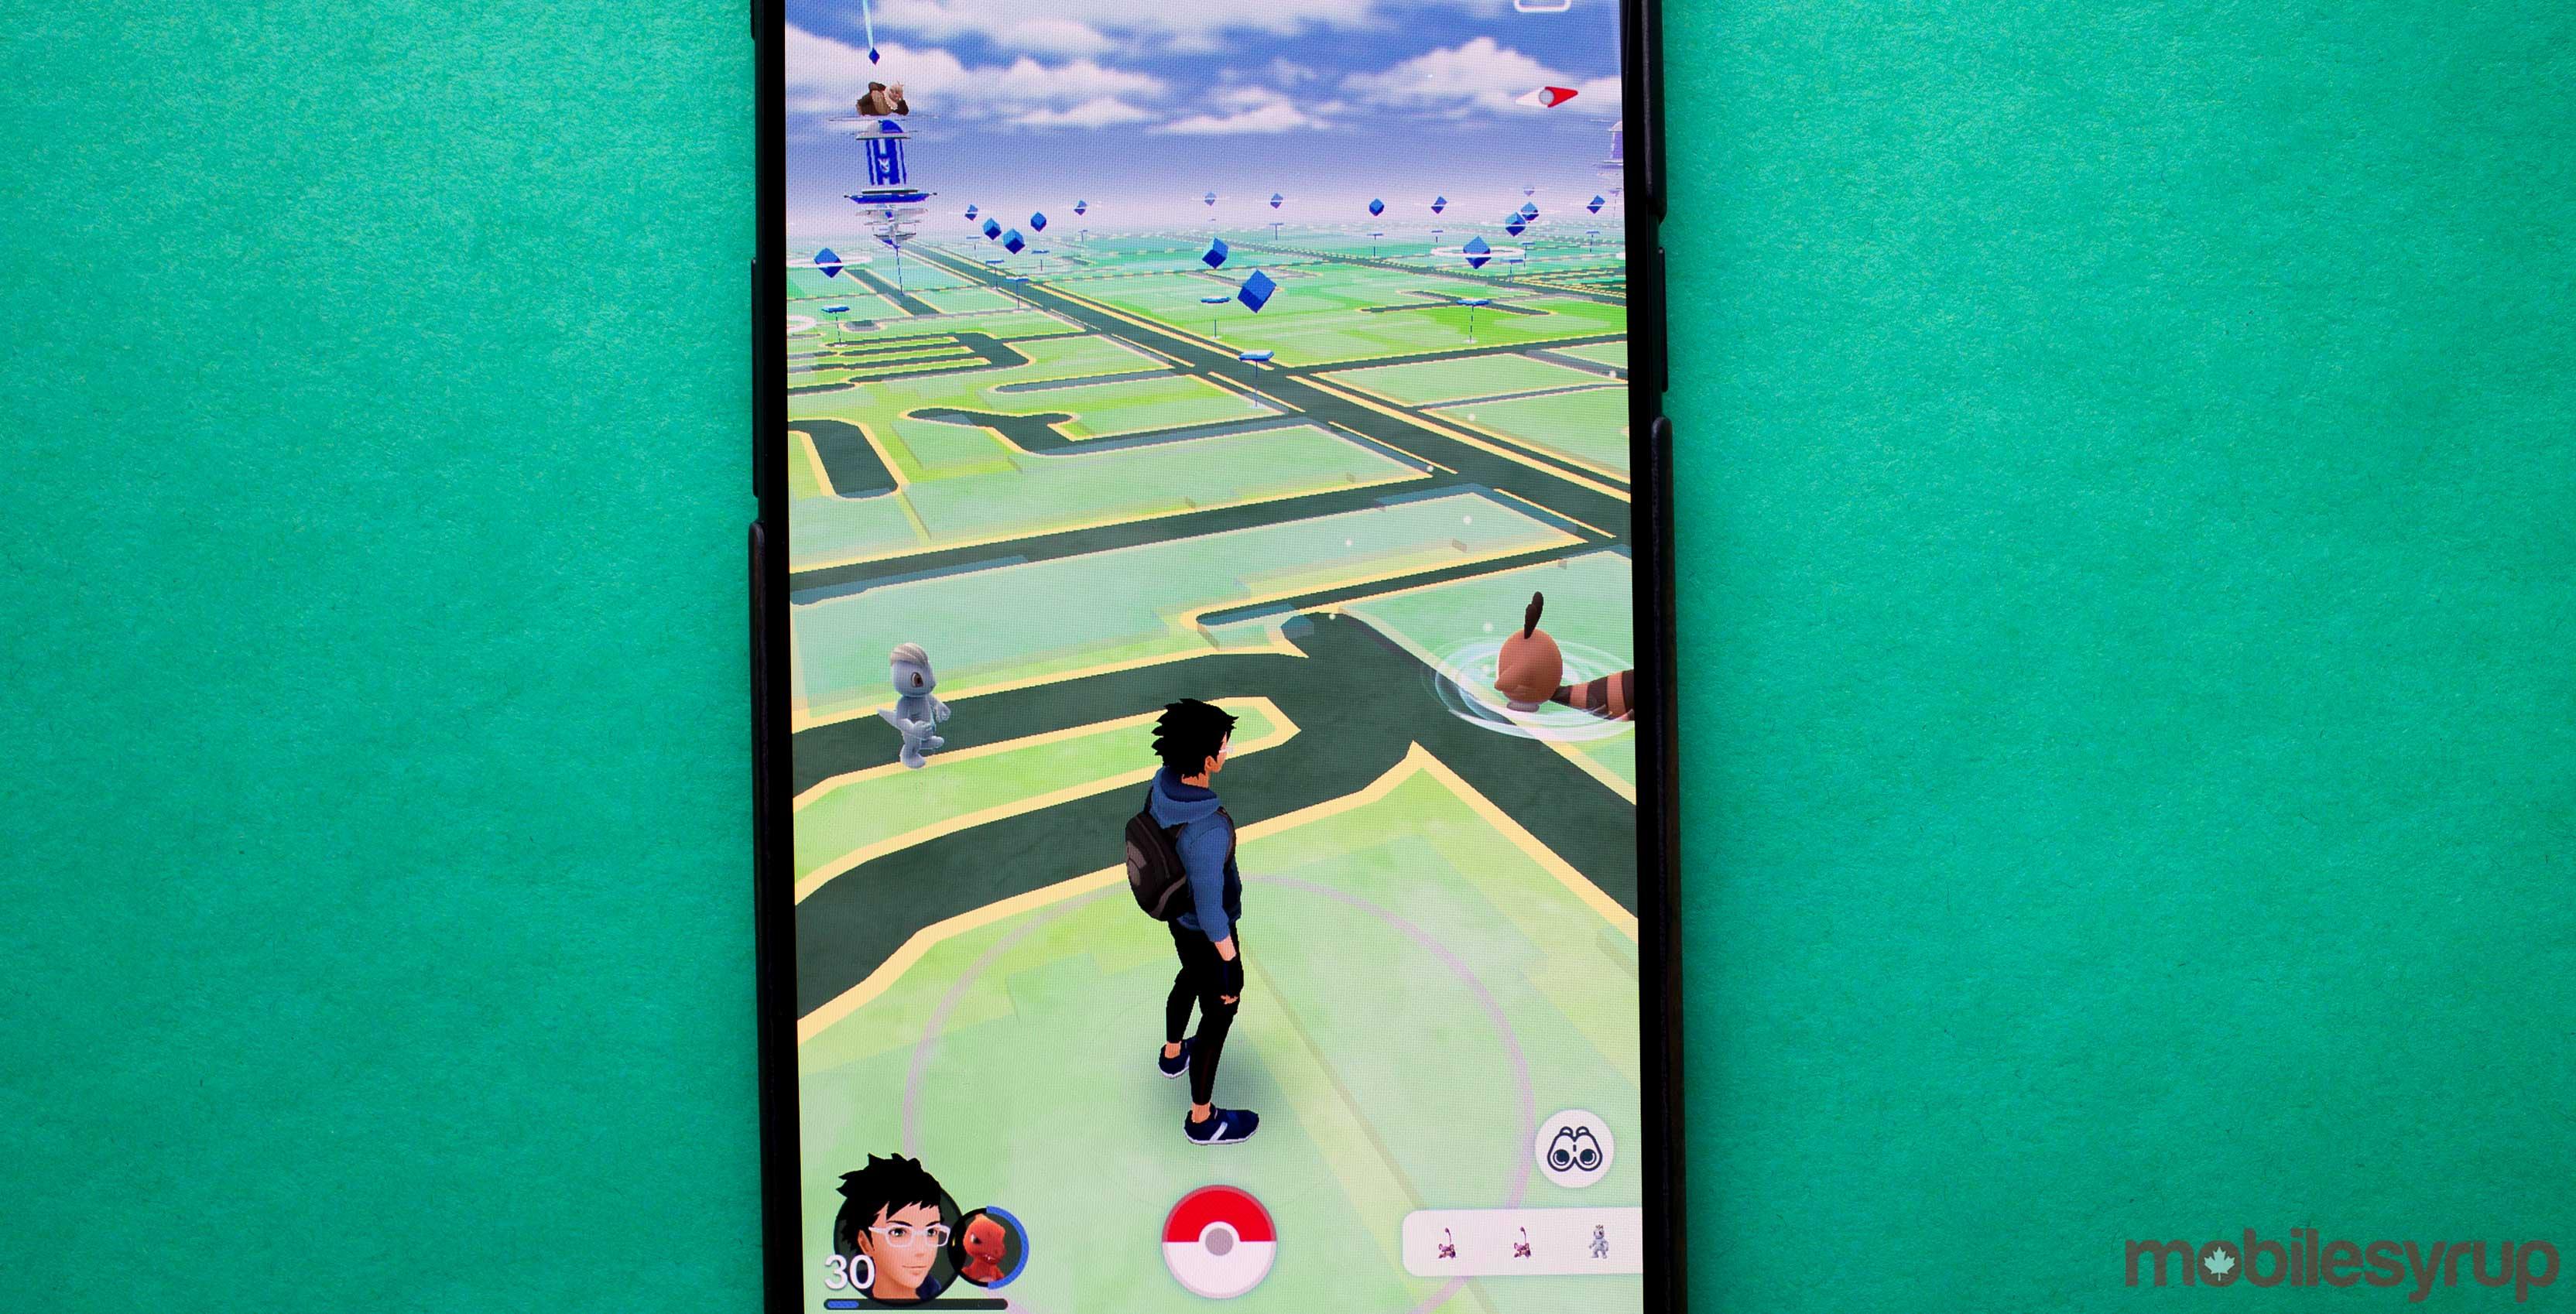 Pokémon Go trainer